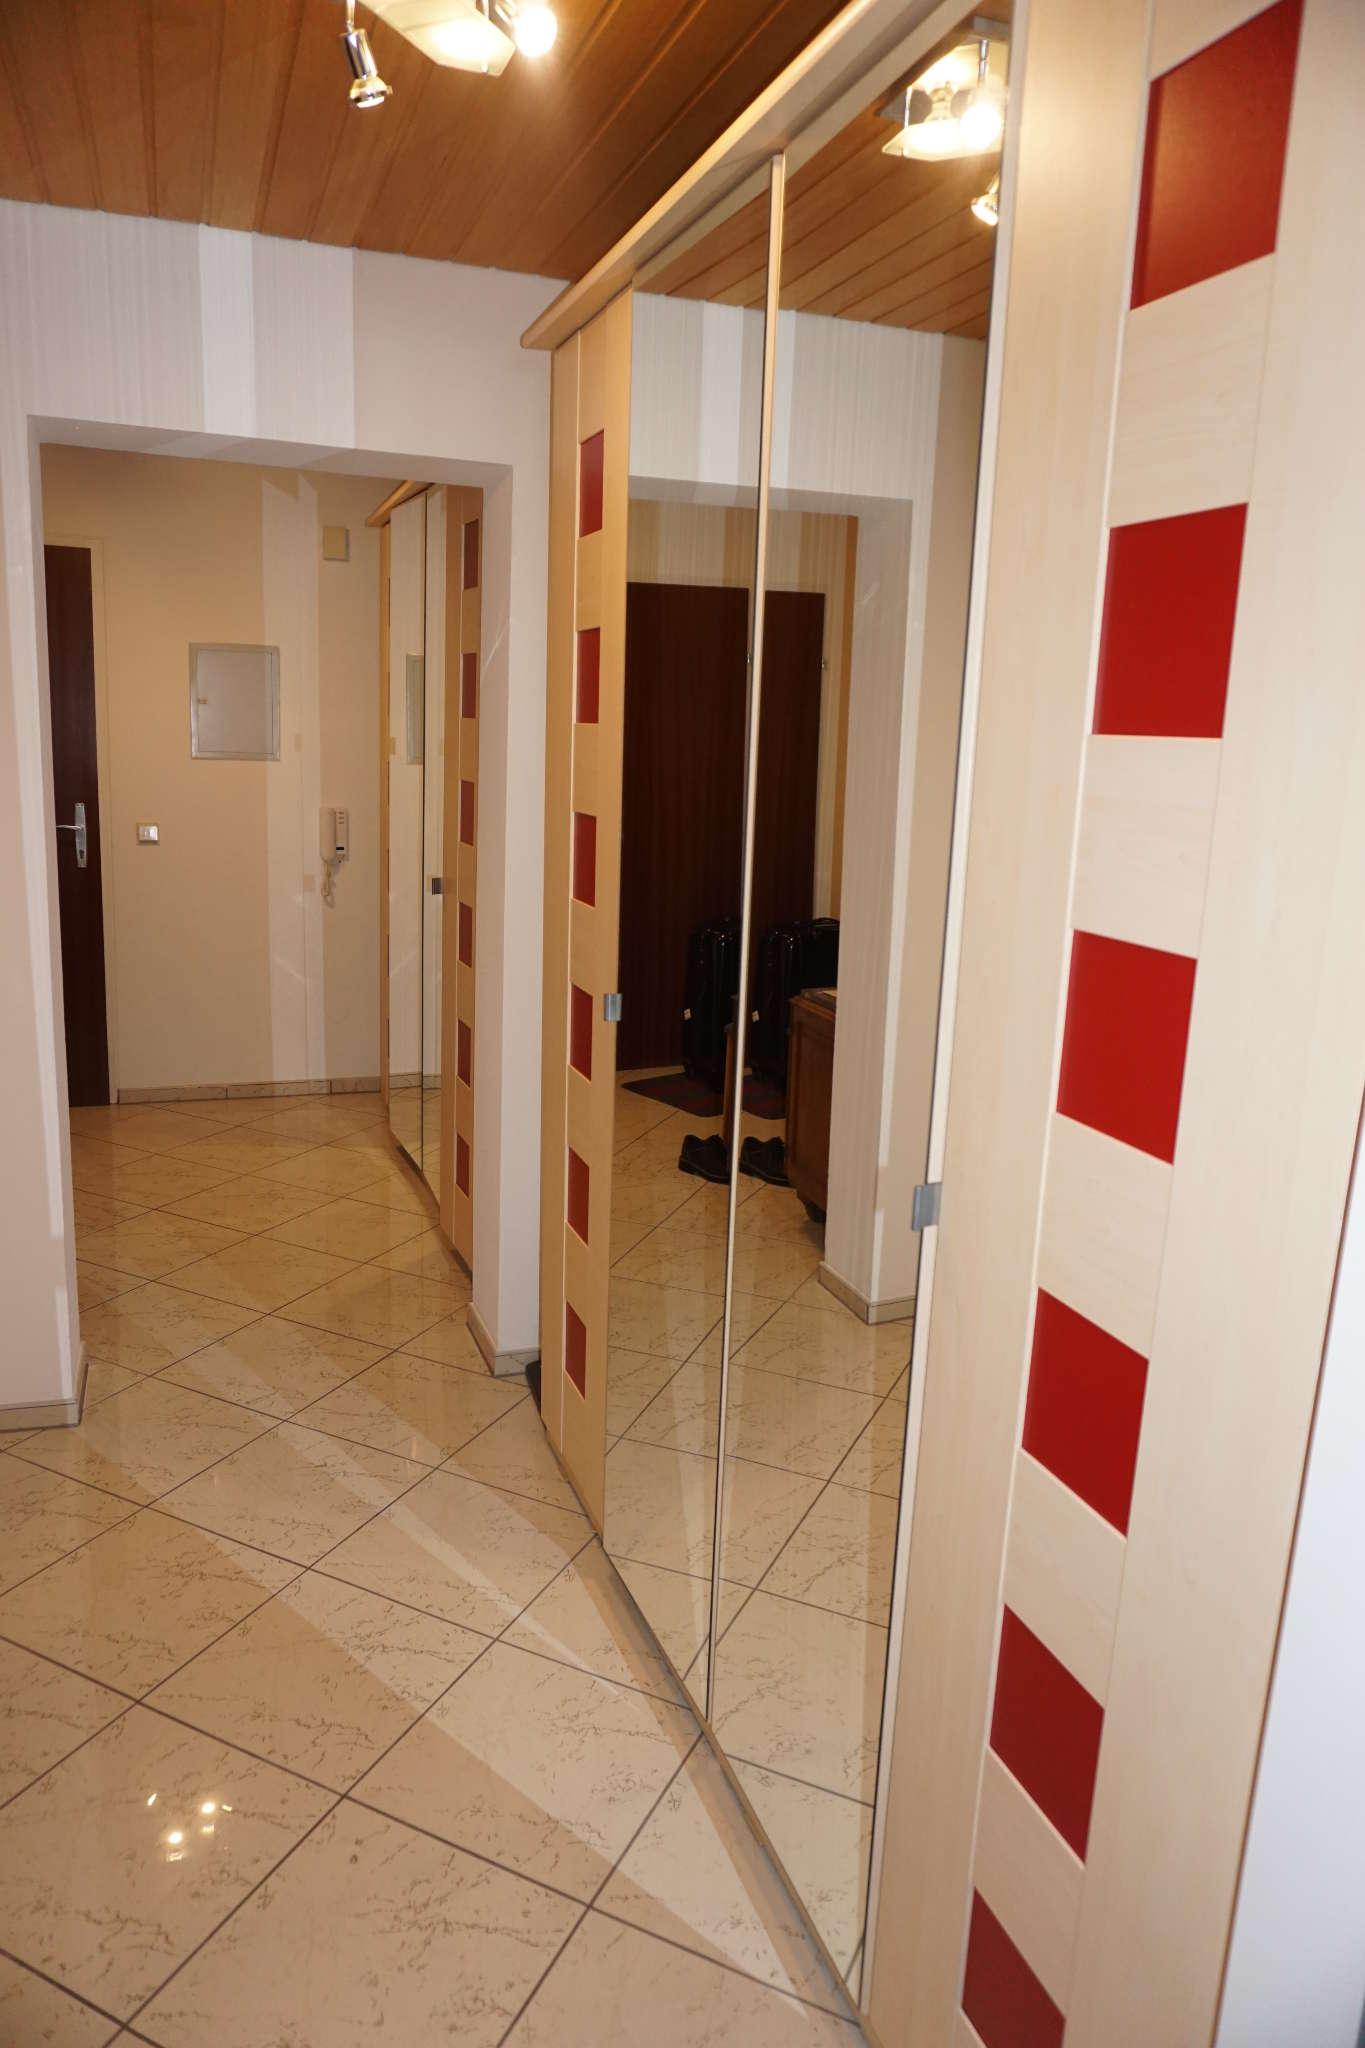 Zusatzbild Nr. 12 von Appartement St. Johann im Pongau - Alpendorf